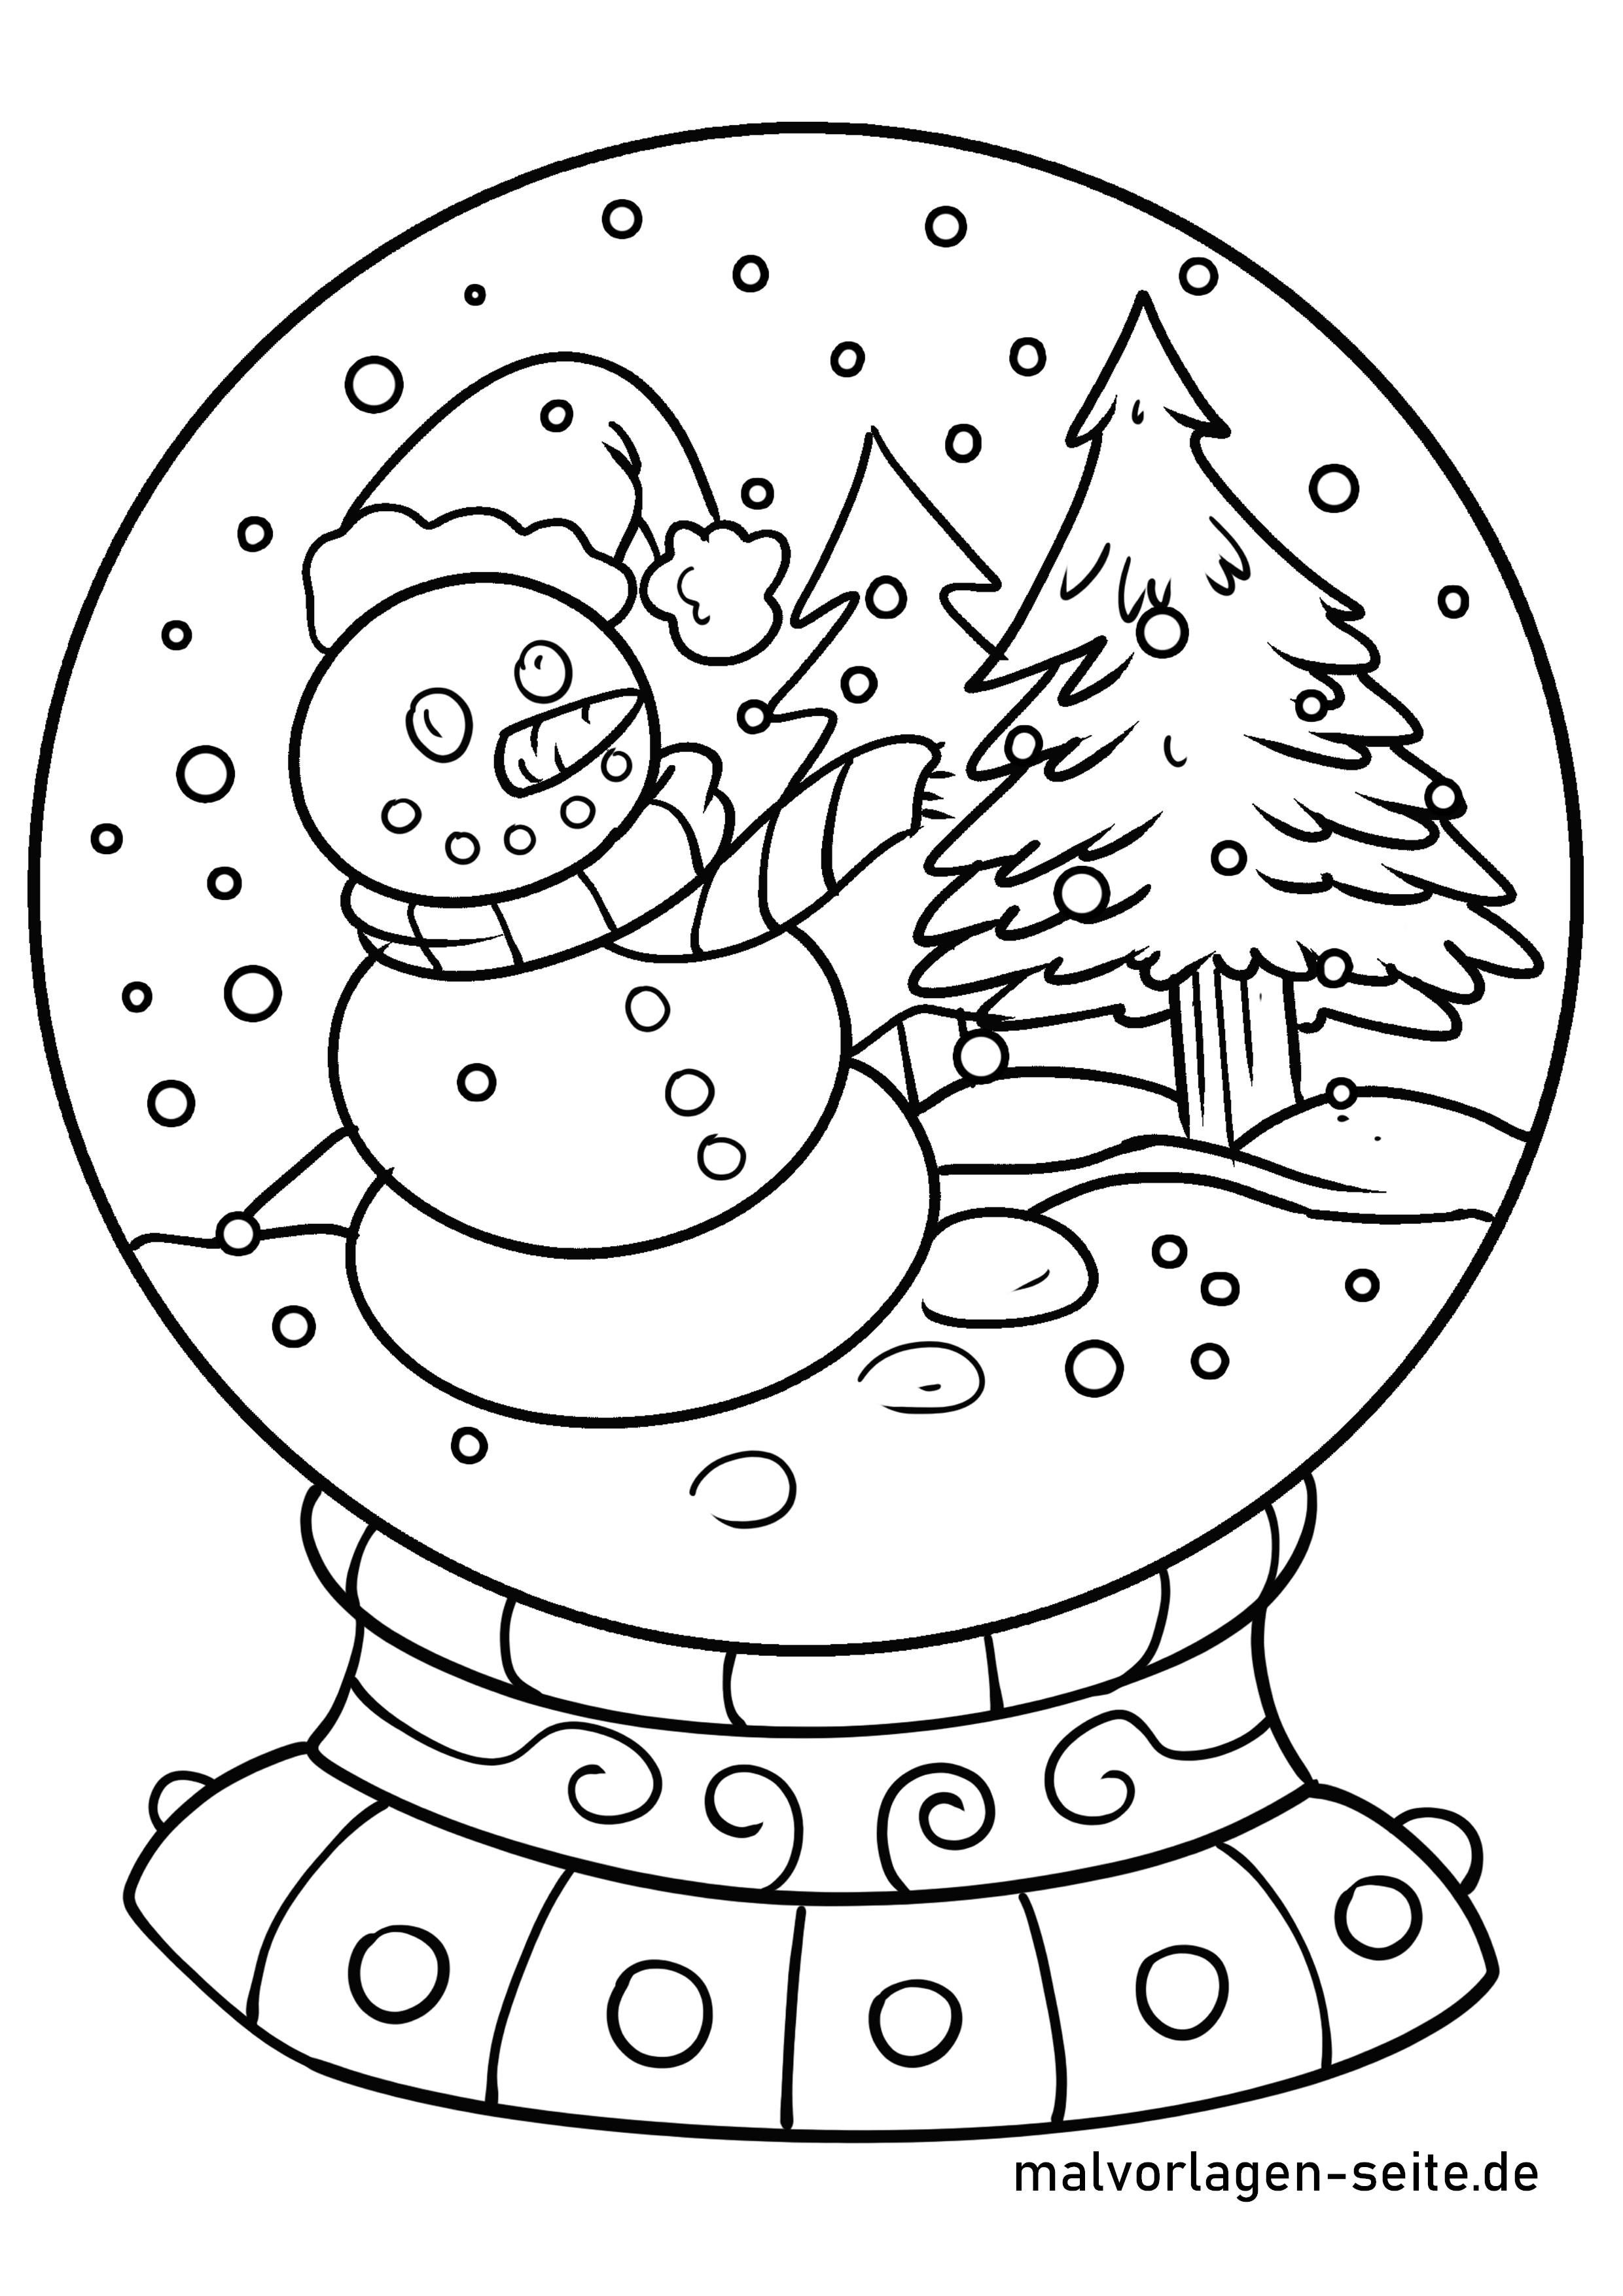 malvorlage schneekugel | winter - ausmalbilder kostenlos